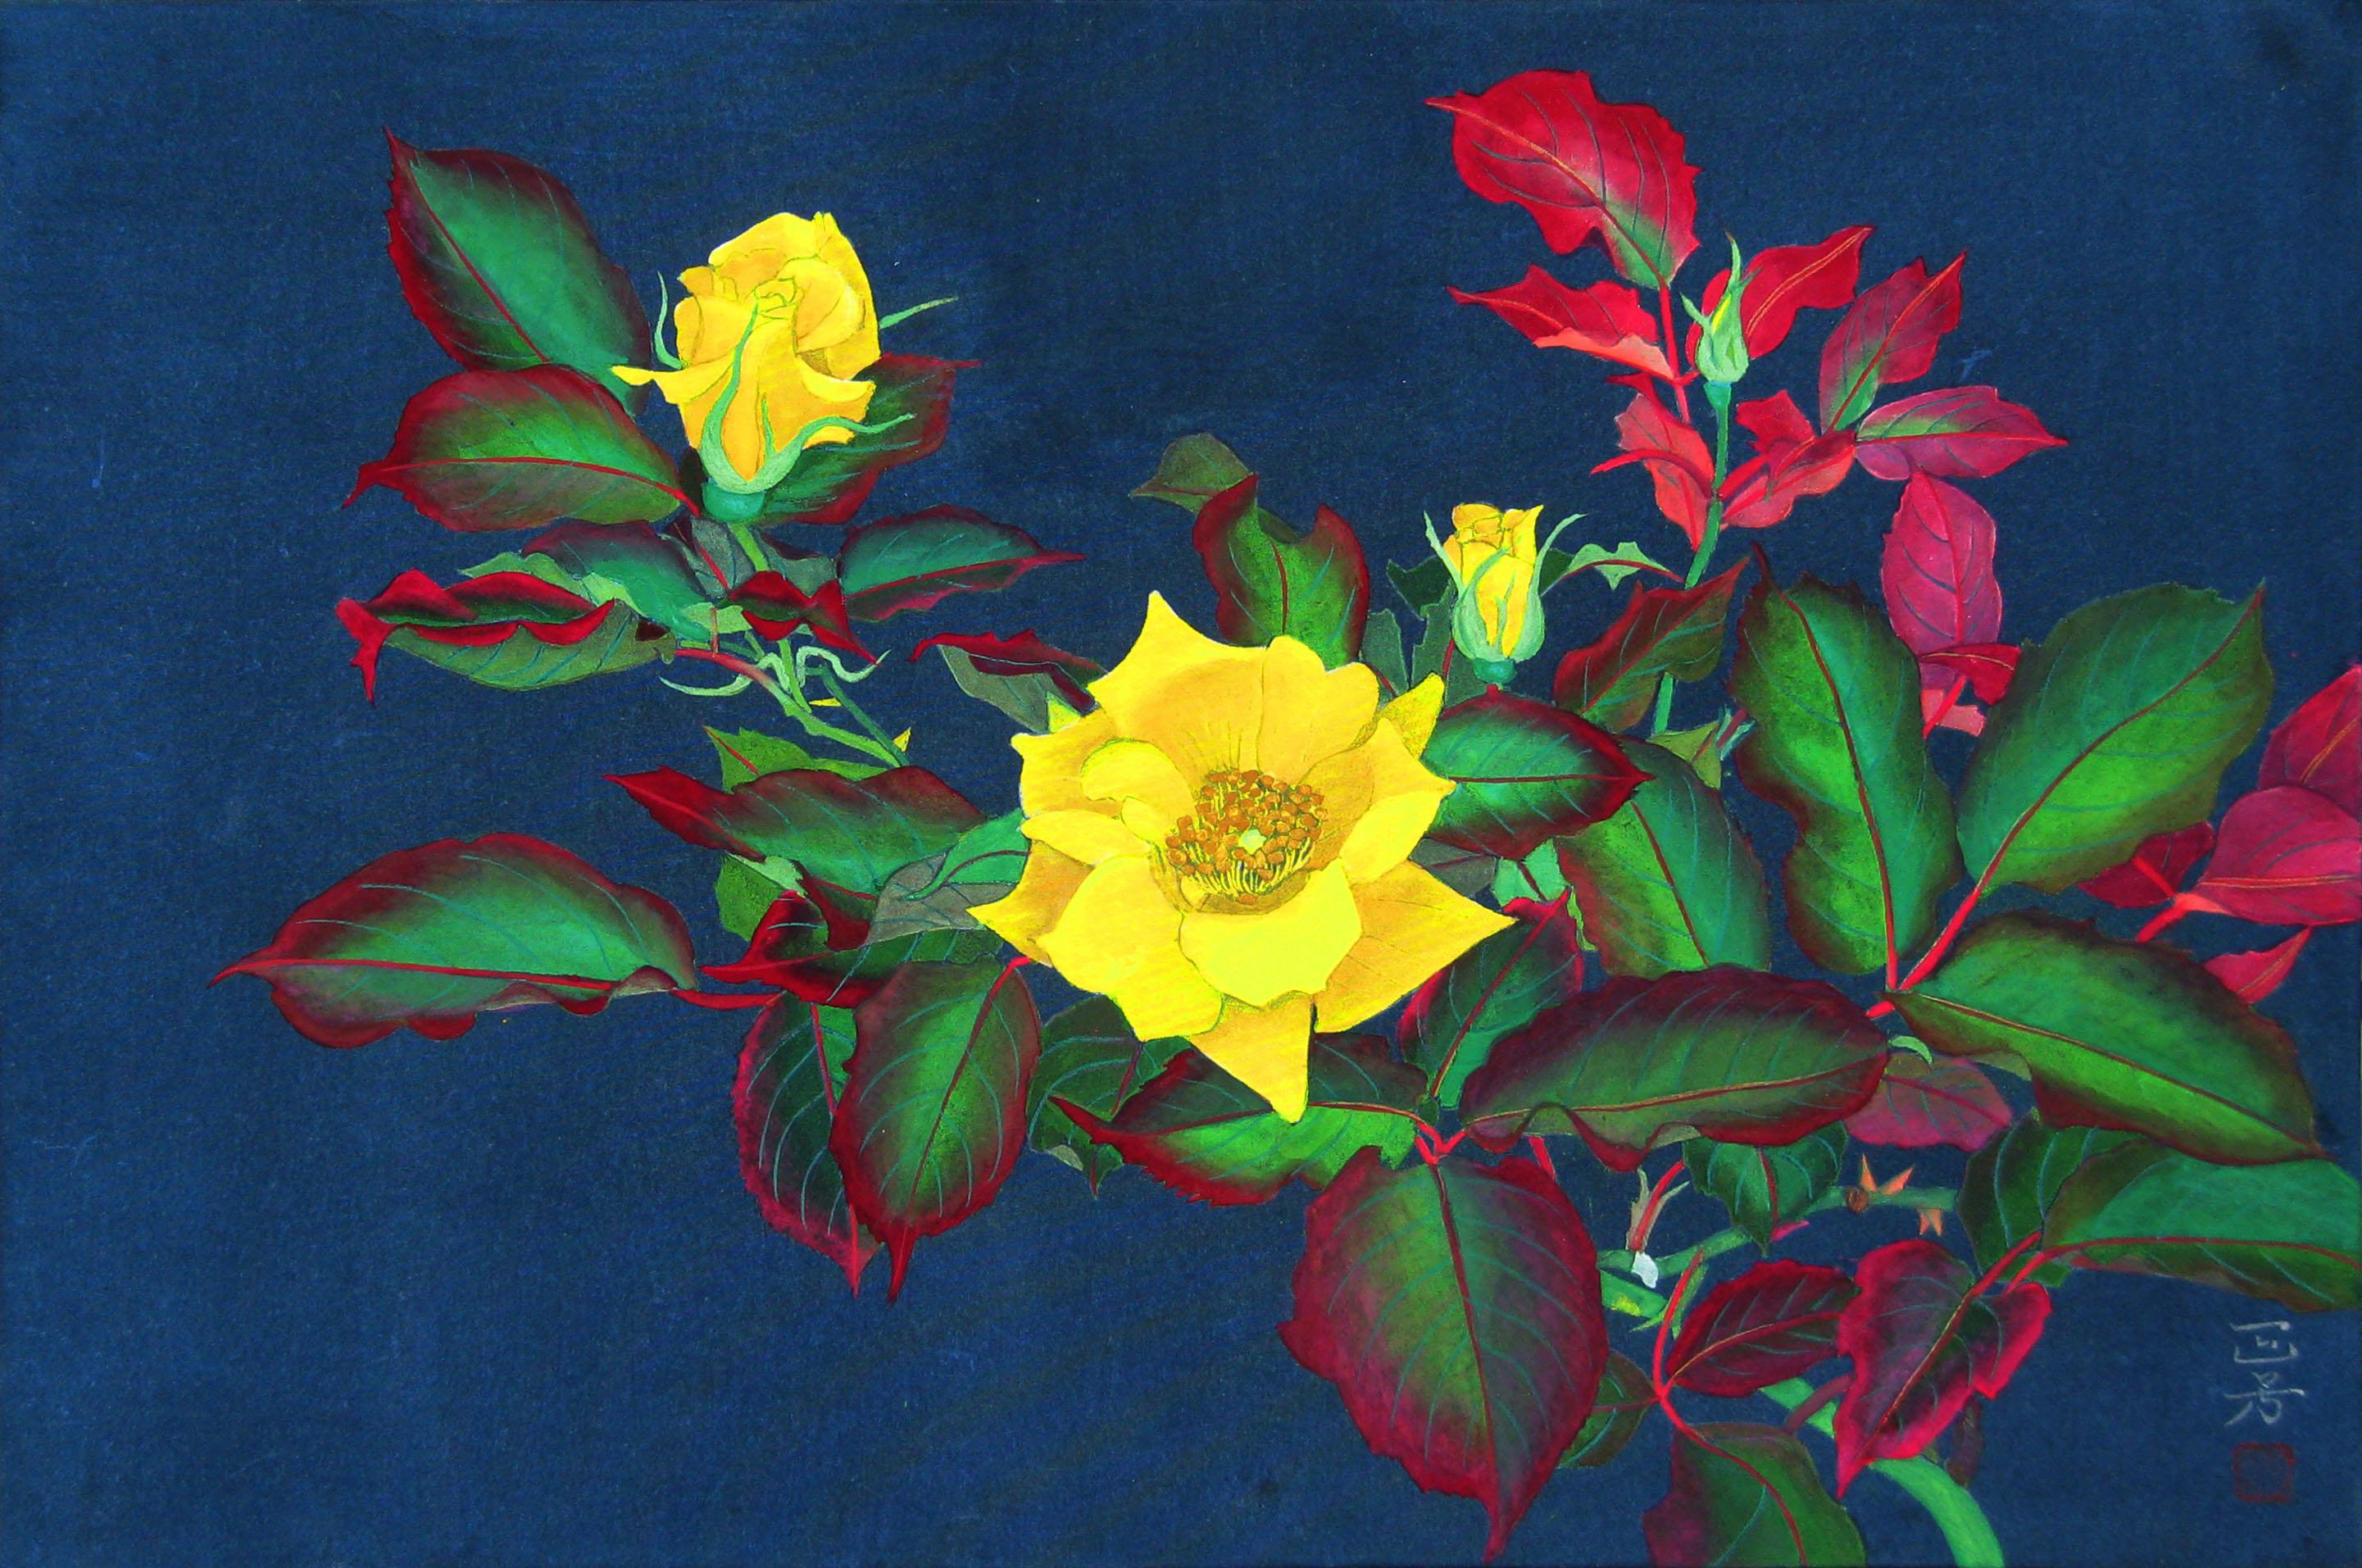 P6黄色の薔薇